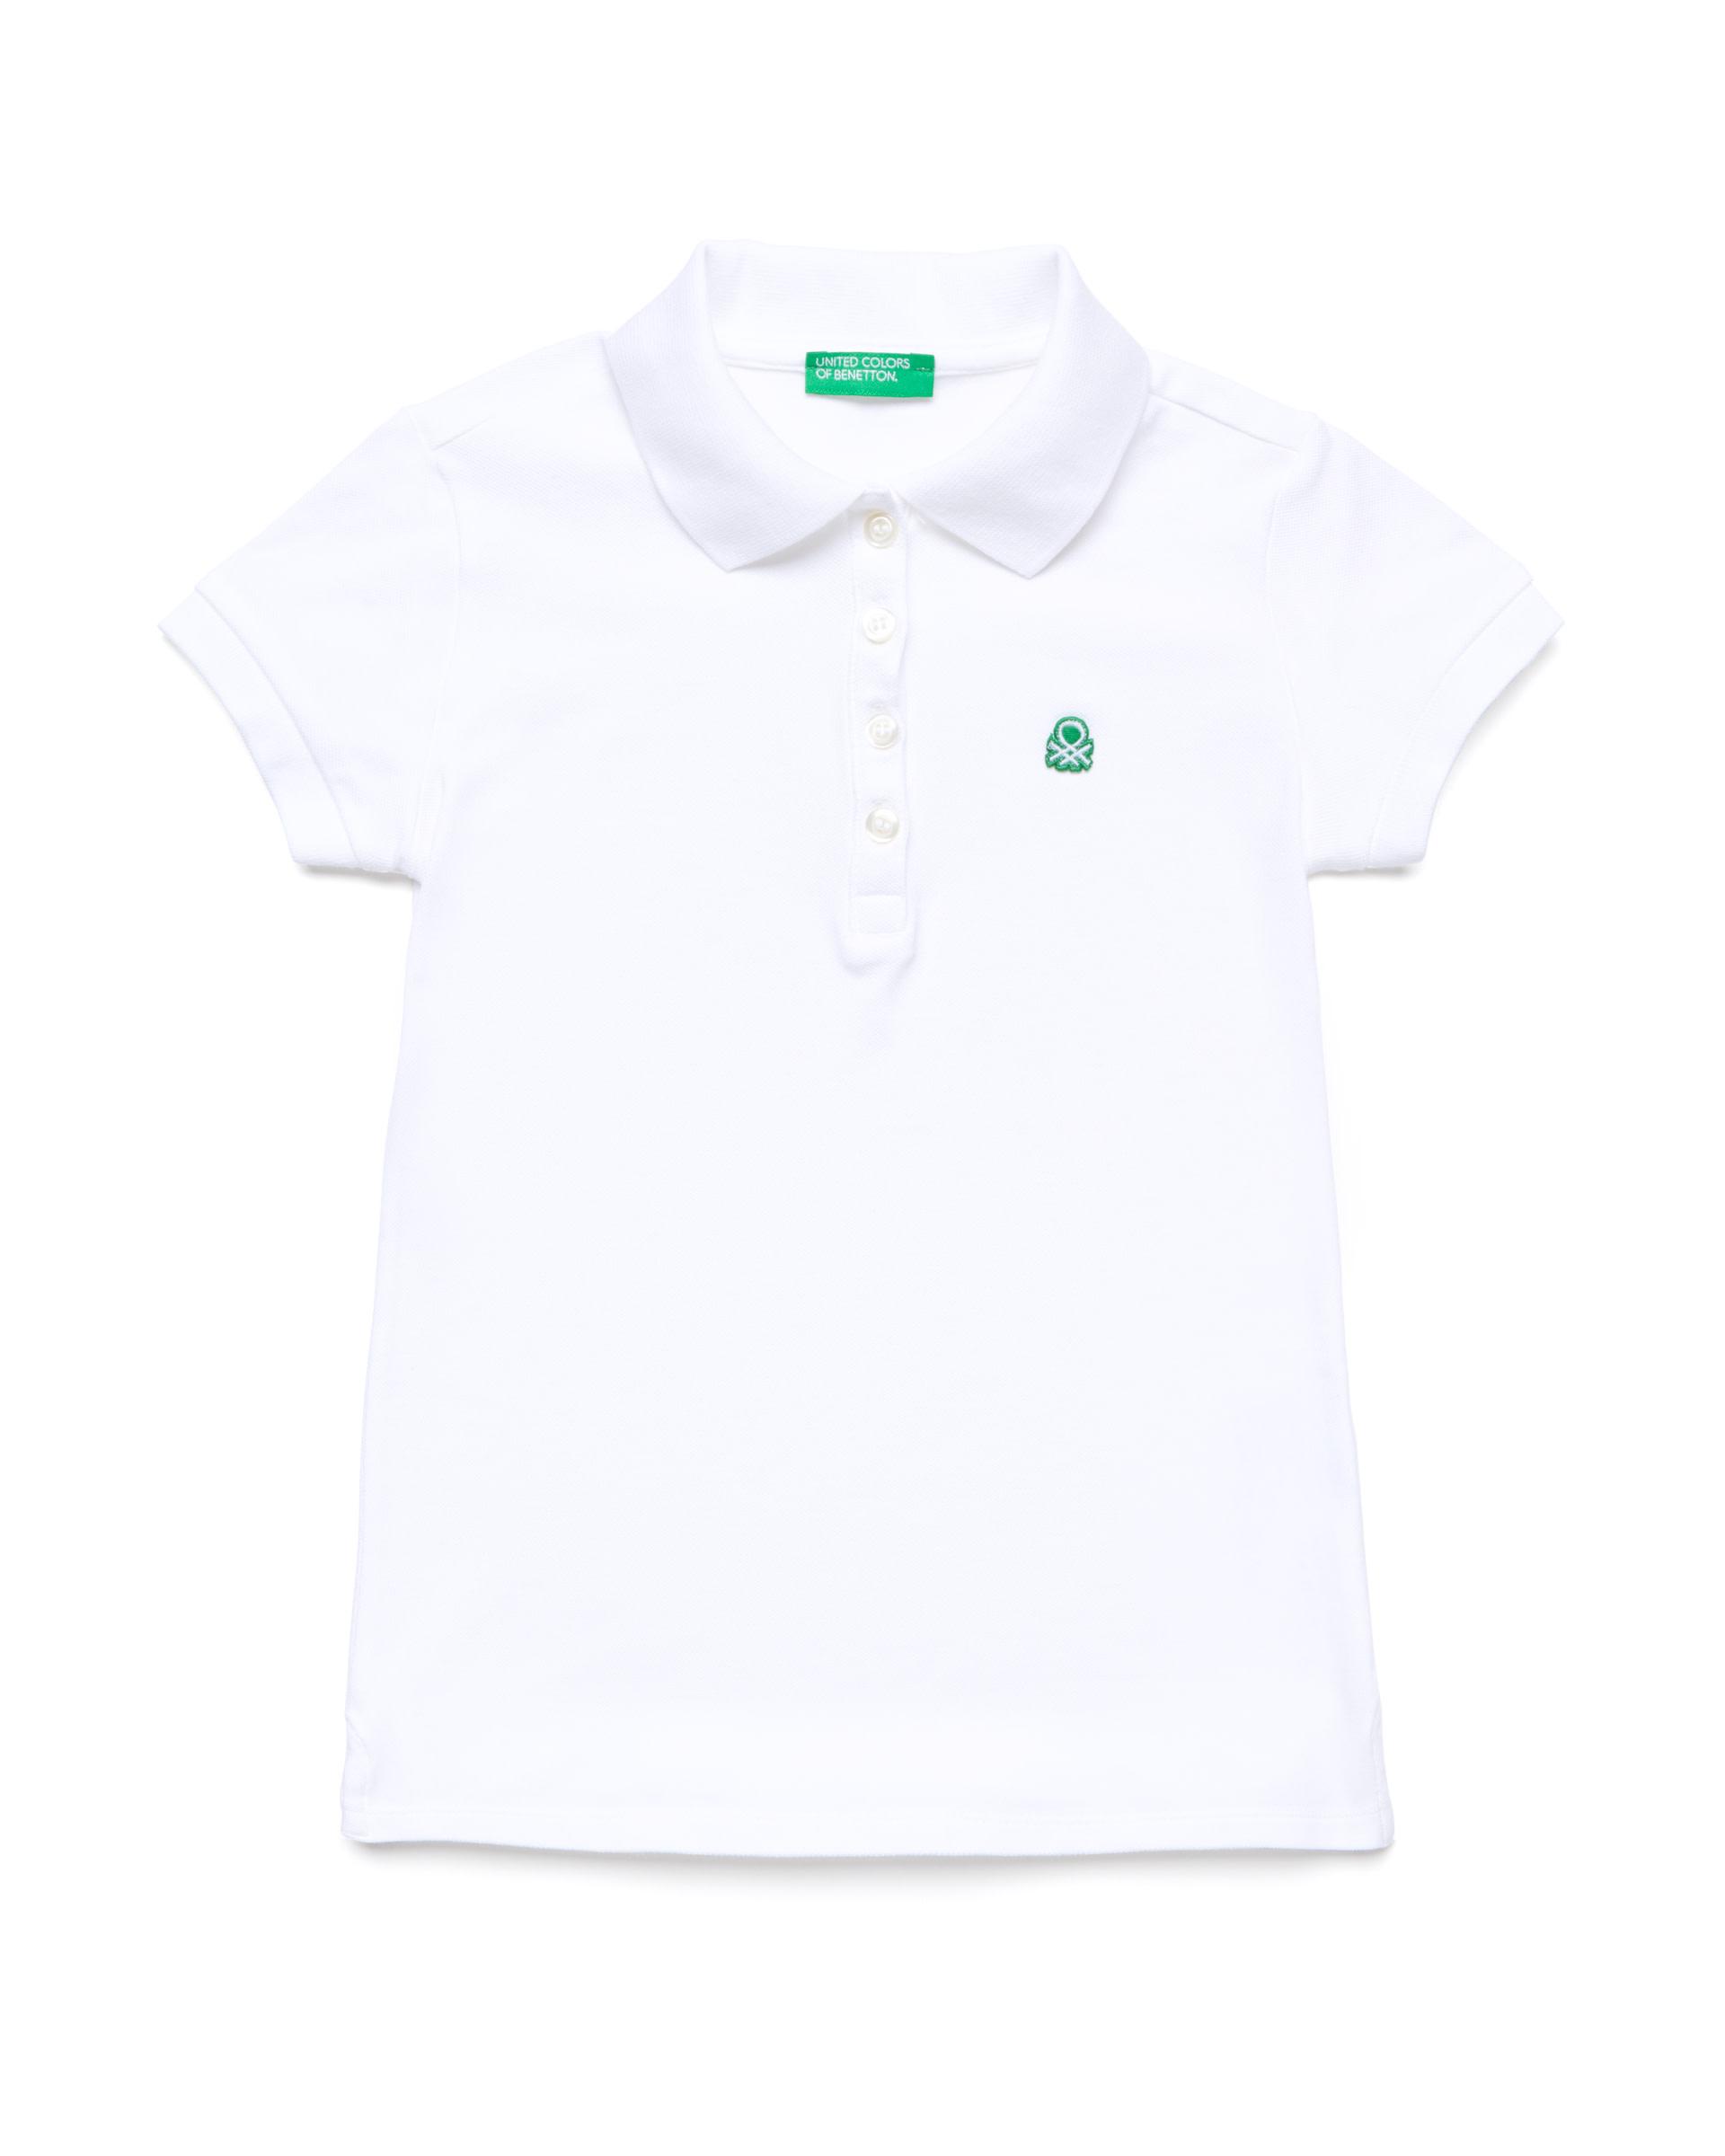 Купить CCC_3WG9C3092_101, Поло-пике для девочек Benetton 3WG9C3092_101 р-р 152, United Colors of Benetton, Детские футболки